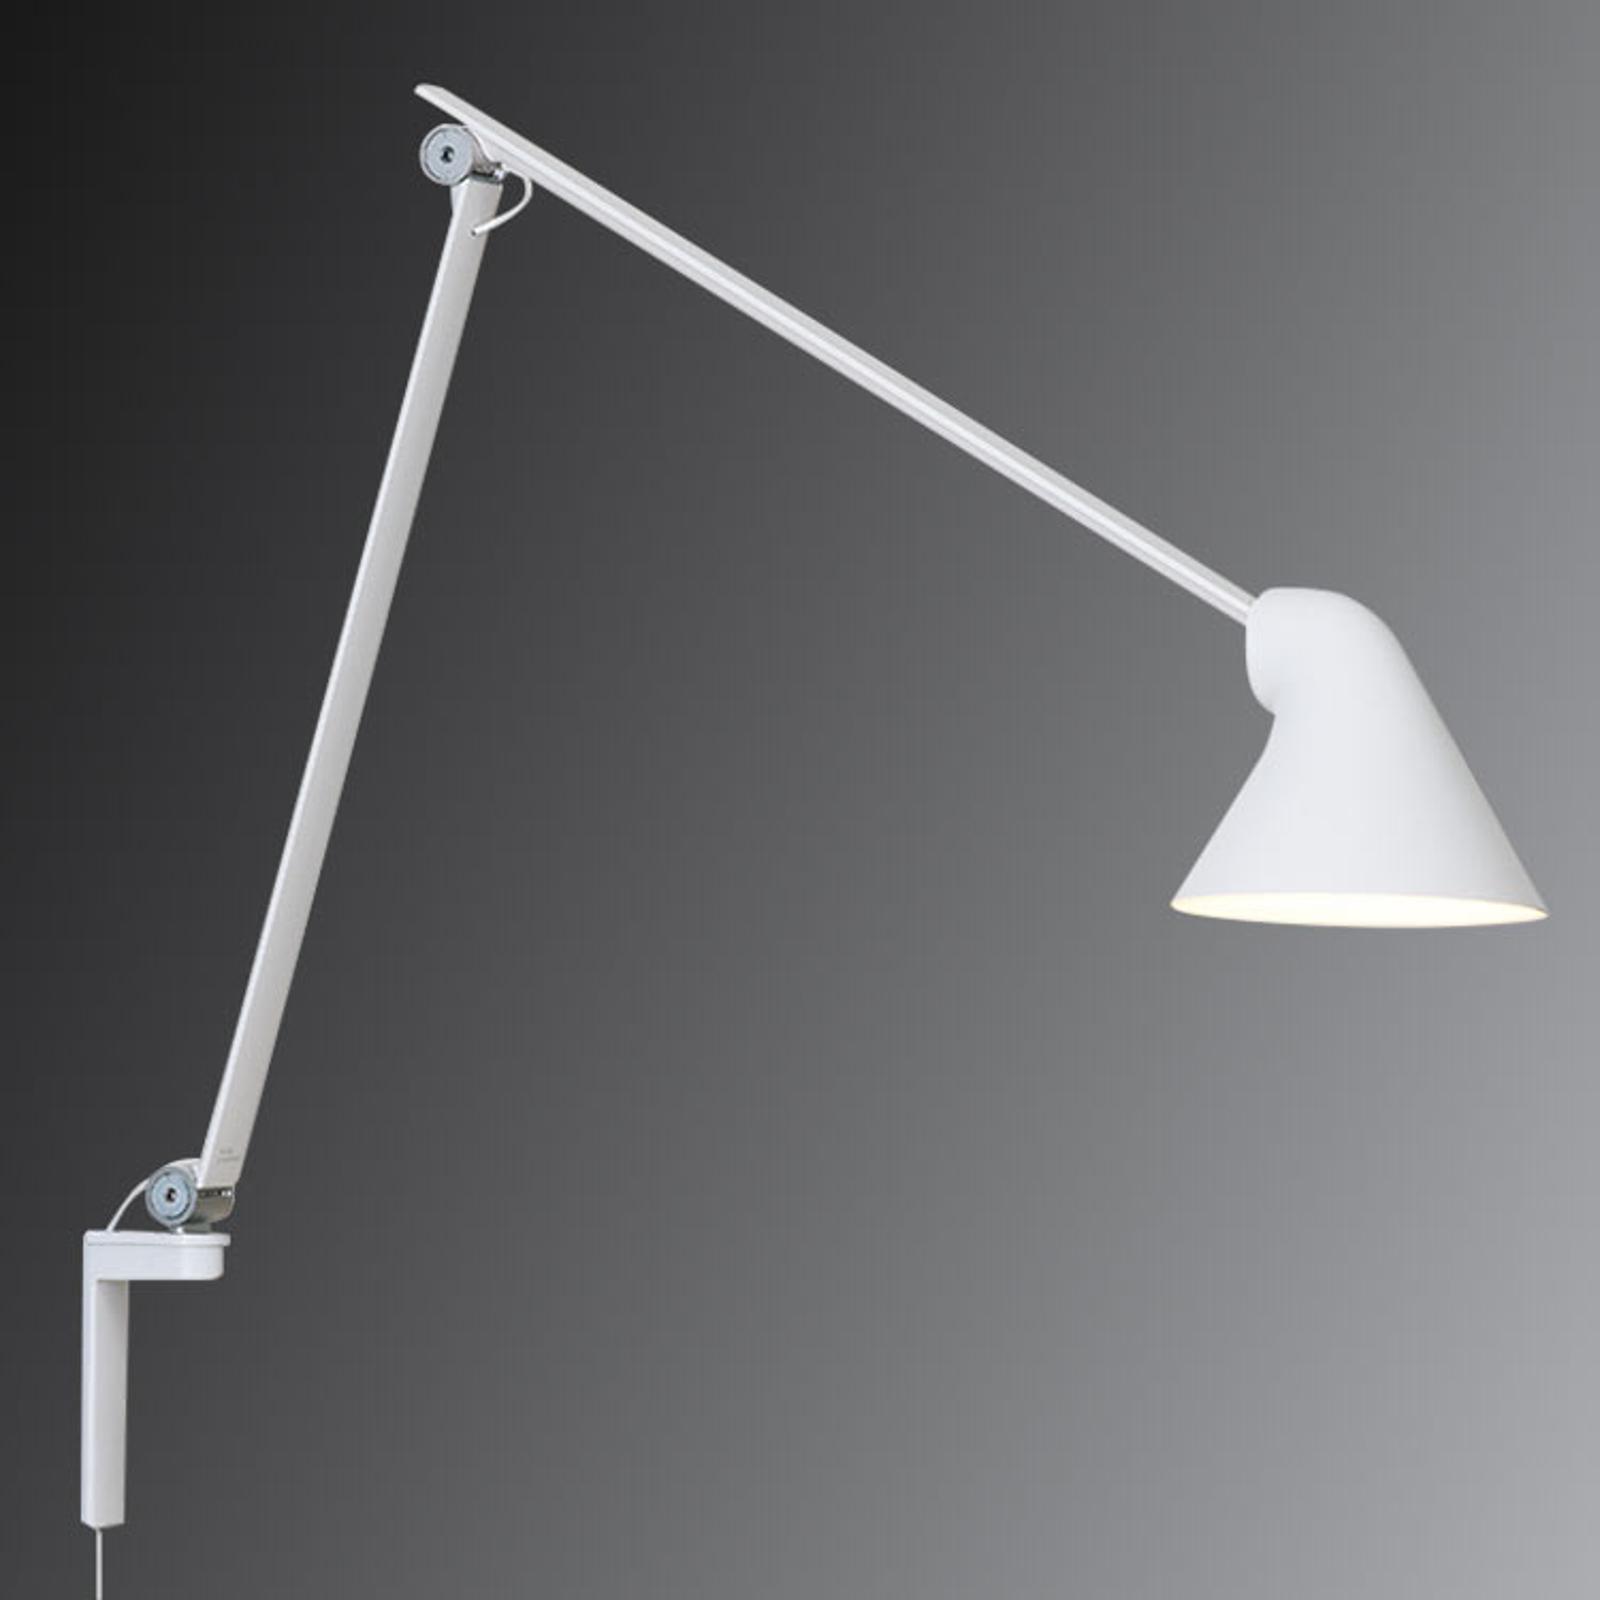 Louis Poulsen NJP LED-Wandlampe, Arm lang, weiß